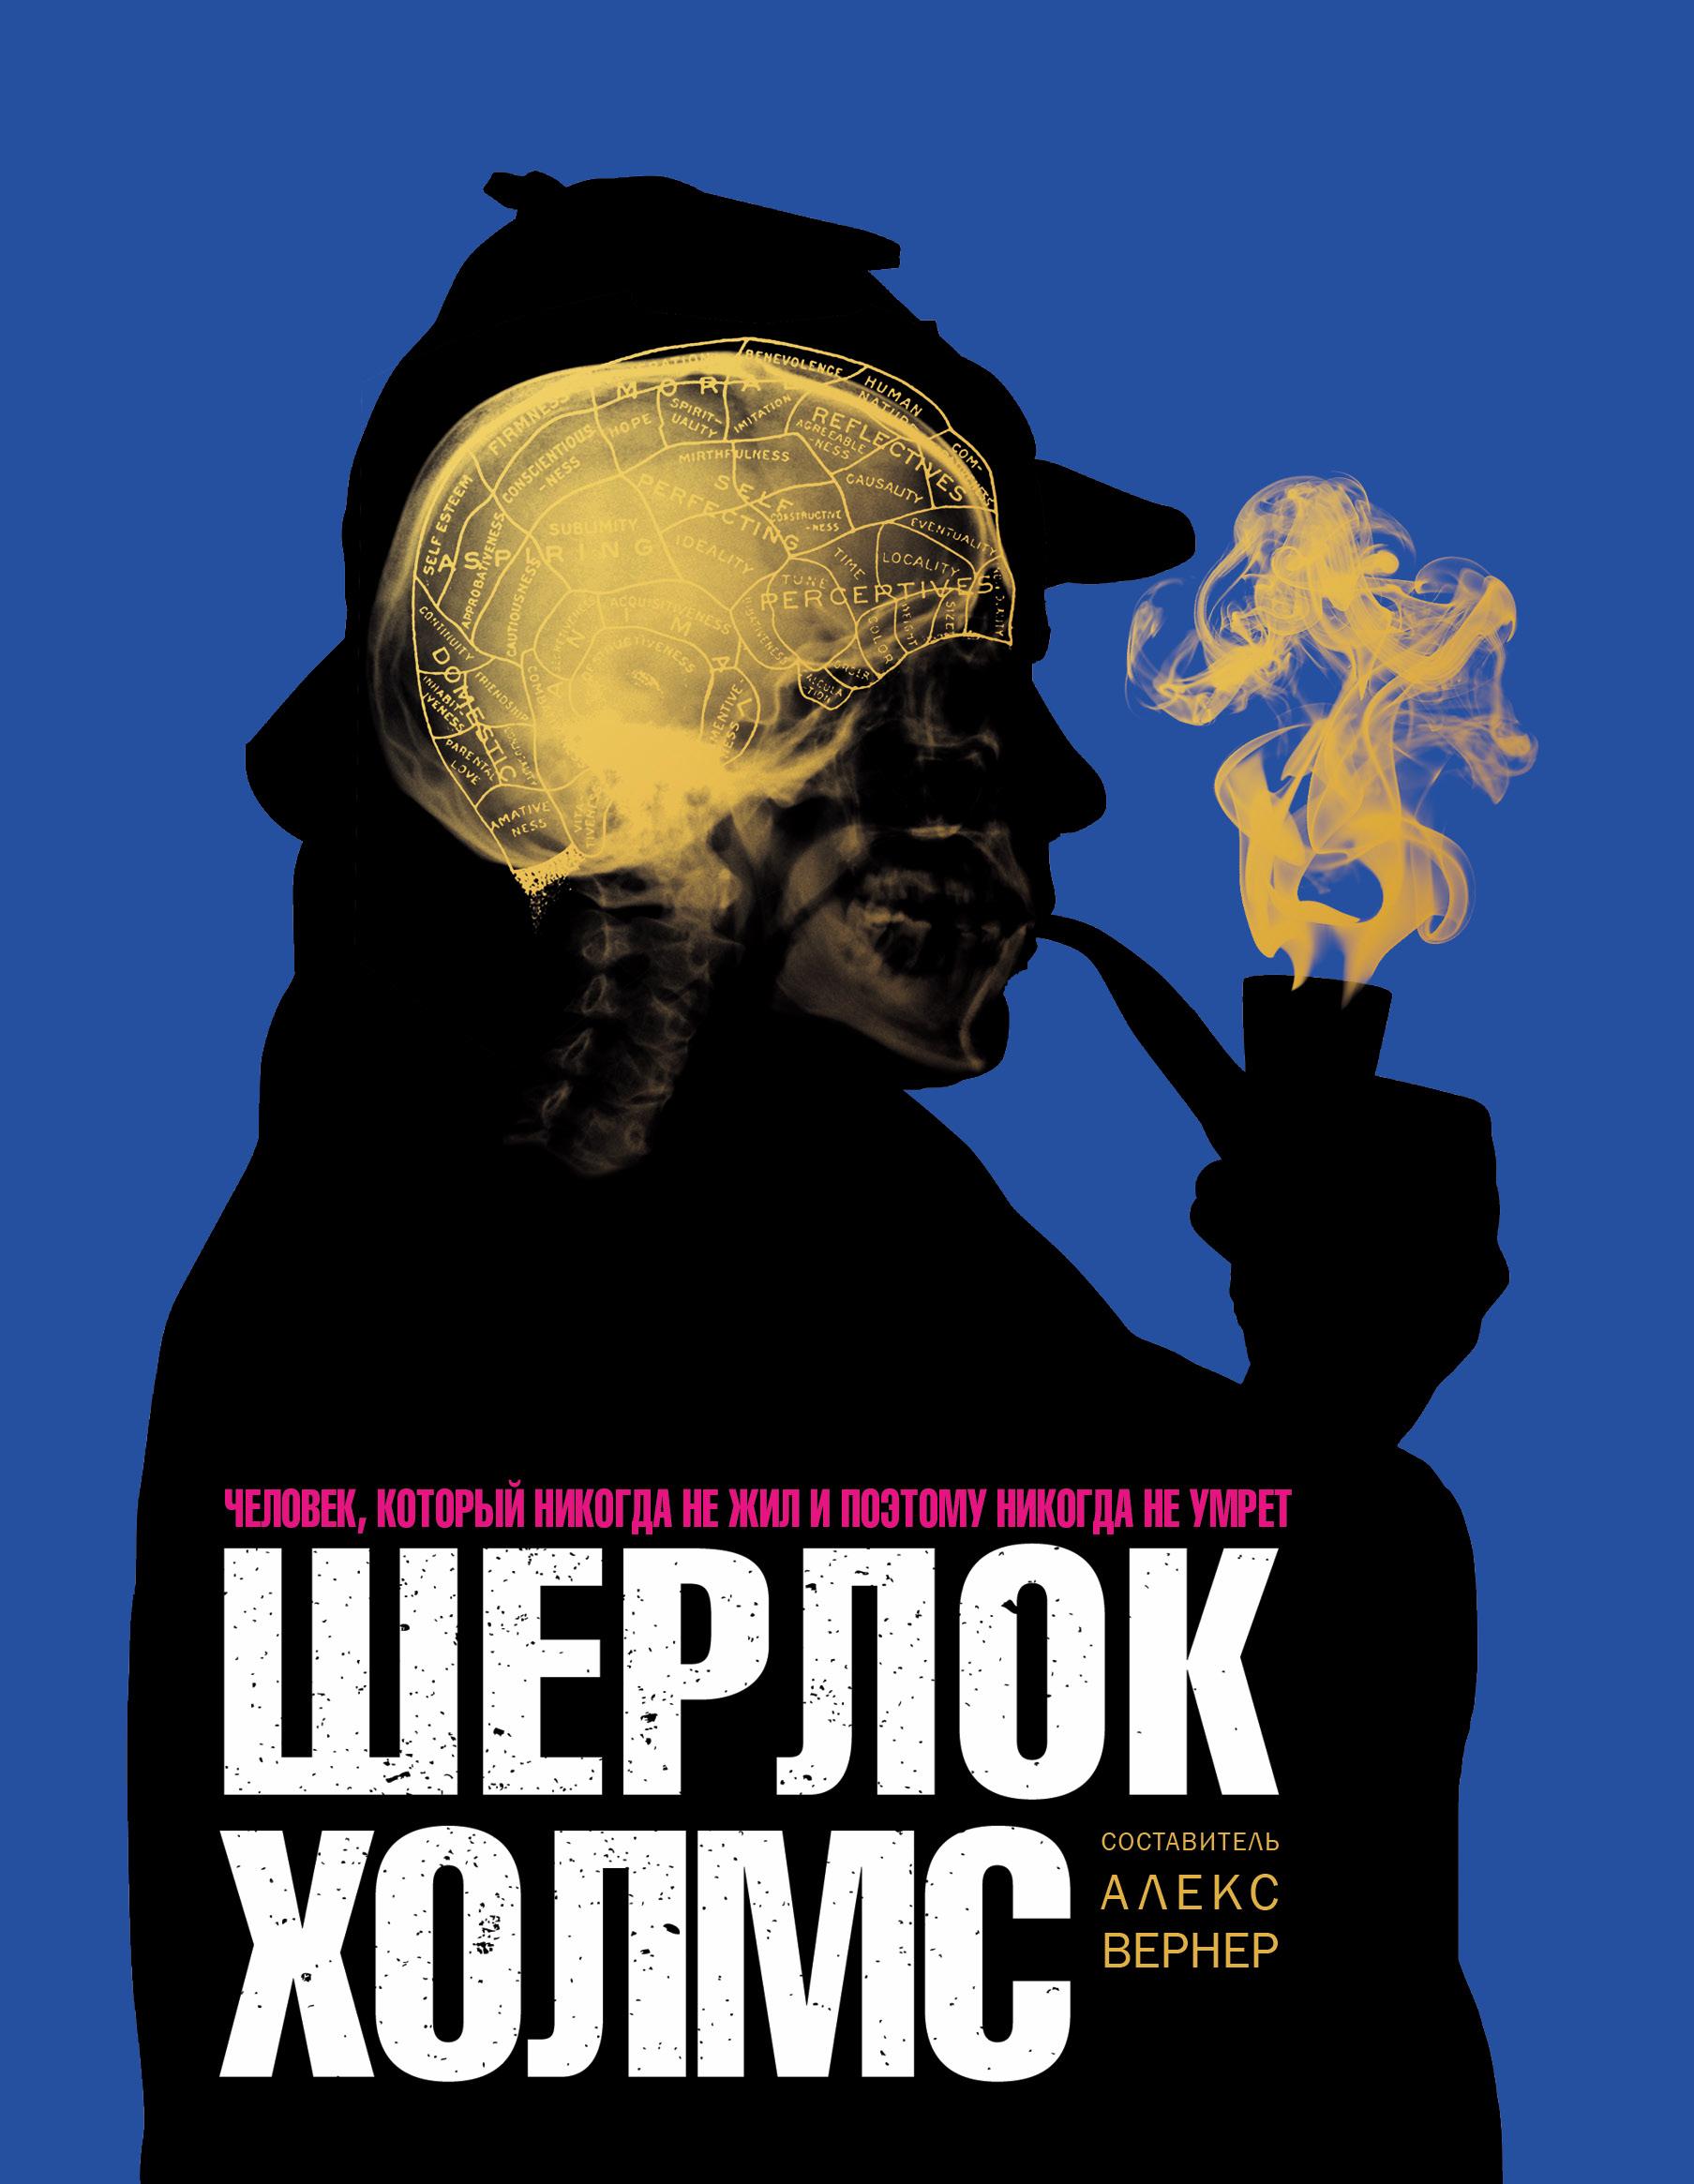 Шерлок Холмс. Человек, который никогда не жил и поэтому никогда не умрёт